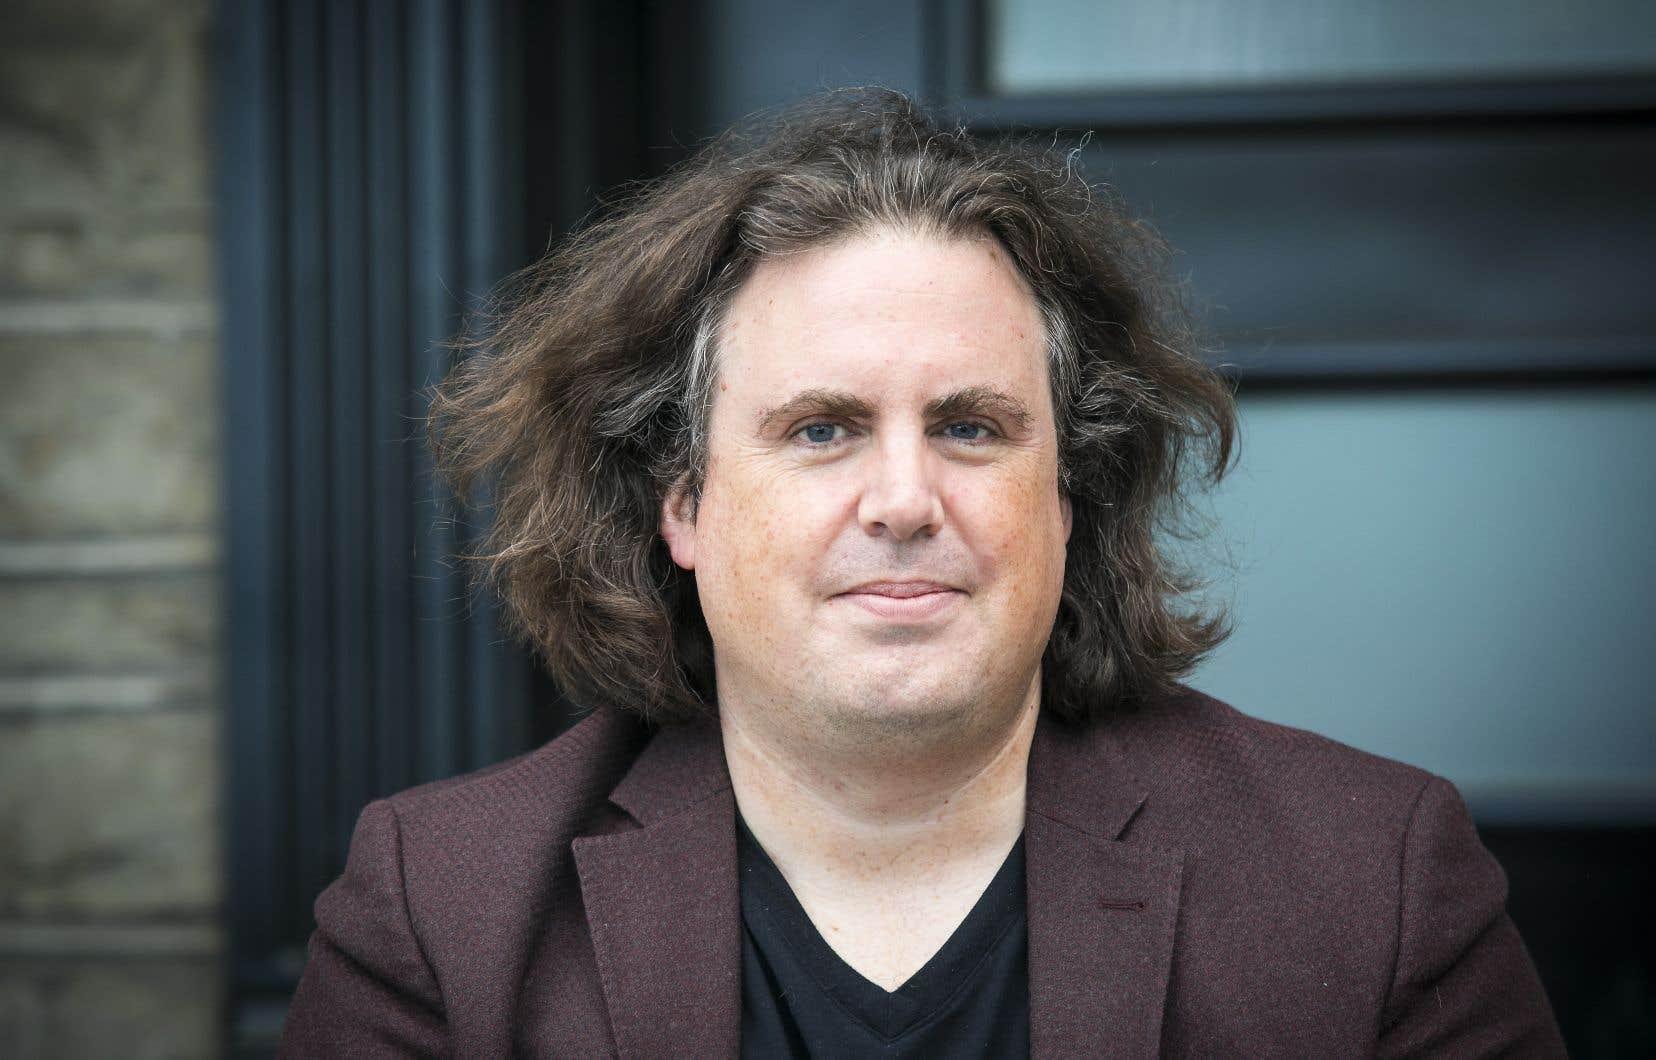 Ancien ingénieur de Google, Philippe Beaudoin est revenu à Montréal pour cofonder Waverly AI, une application mobile qui mise sur une intelligence artificielle volontairement biaisée pour combattre les biais de l'intelligence artificielle.